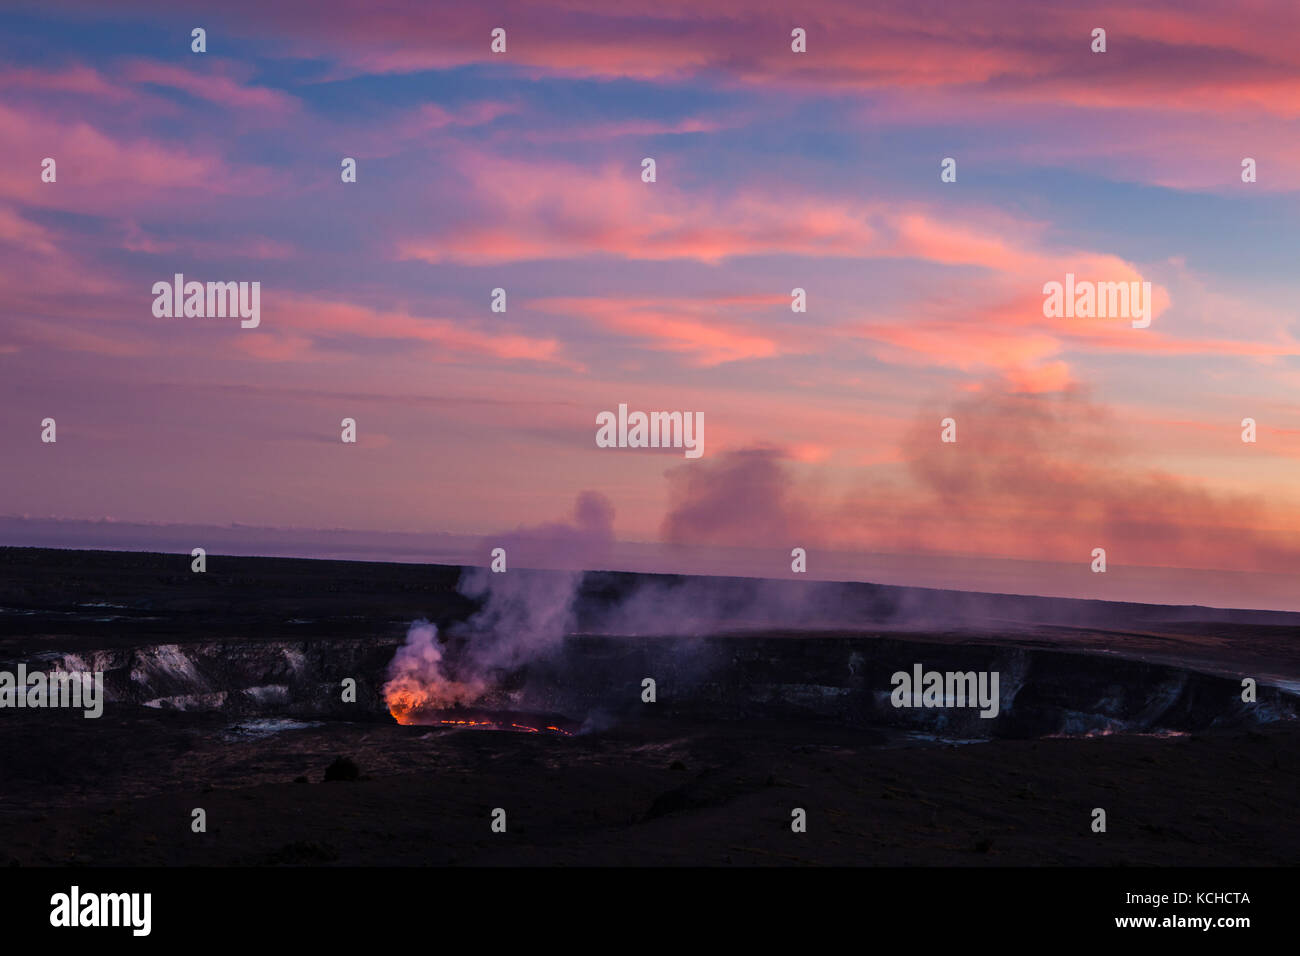 Halema'uma'u Crater of Kilauea Volcano in the evening, Island of Hawaii - Stock Image